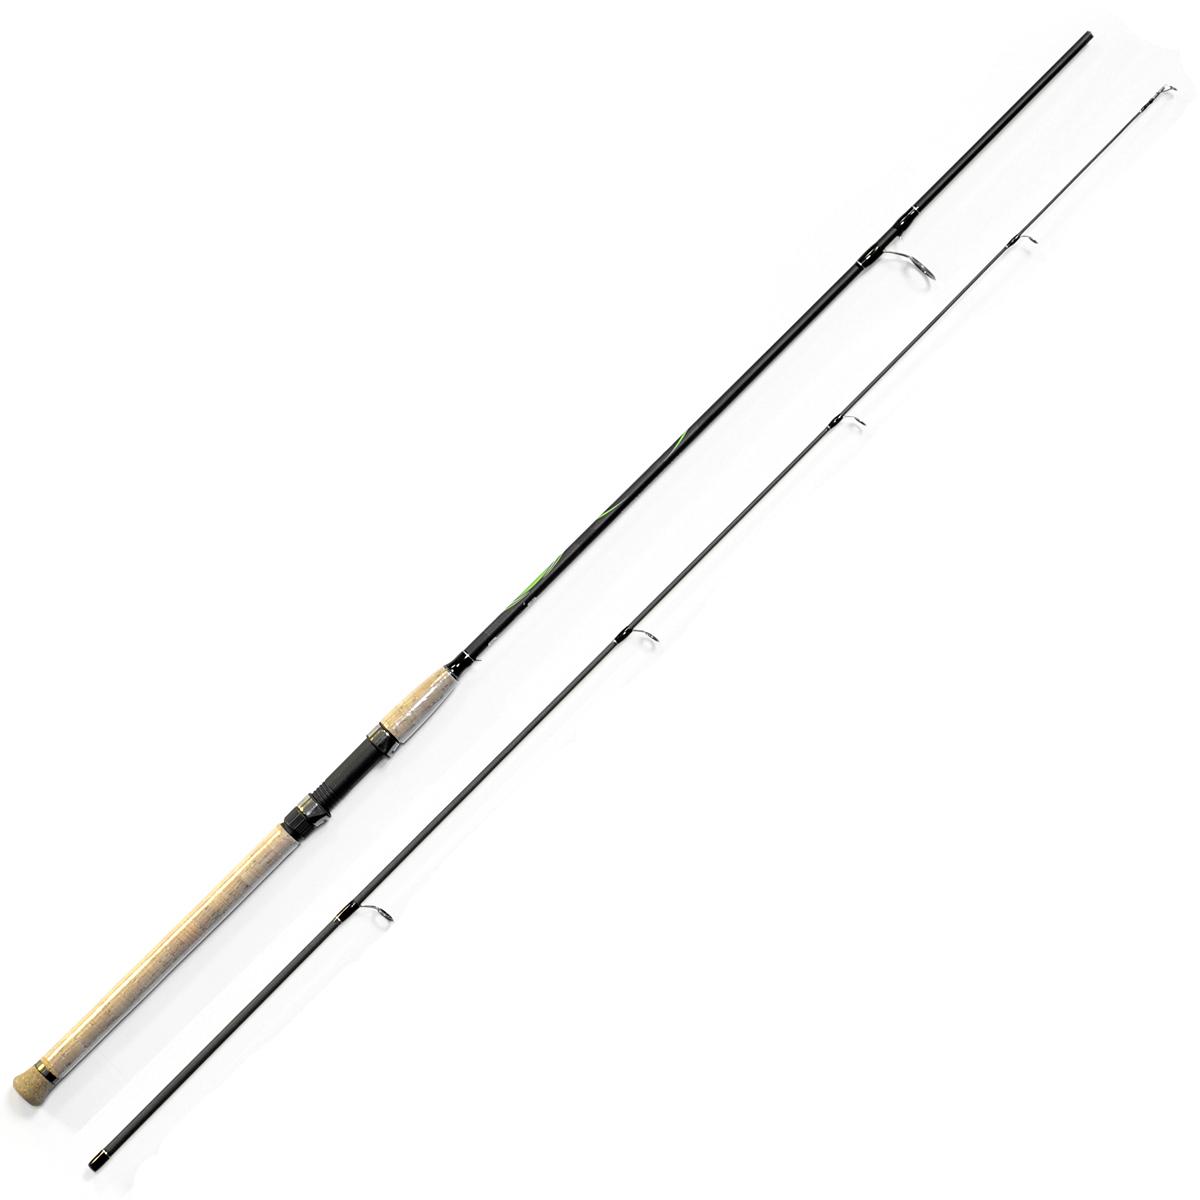 Спиннинг Salmo Sniper SPIN 20 2.10/ML, длина 2,1м, 5-20г2134-210Универсальный спиннинг средне-быстрого строя для ловли на различные приманки, изготовленный из композита. Бланк спиннинга укомплектован облегченными кольцами, на высоких ножках со вставками SIC и элегантной рукояткой с пробковым покрытием и облегченным буфером на торце. Соединение колен спиннинга по типу OVER STEEK. Все спиннинги имеют один тест: 5–20 г. - Материал бланка удилища - композит - Строй бланка средне-быстрый - Класс спиннинга ML - Конструкция штекерная - Соединение колен типа OVER STEEK - Кольца пропускные: – облегченные большое – со вставками SIC – с расстановкой по классической концепции - Рукоятка: – пробковая - Катушкодержатель: – винтового типа - Проволочная петля для закрепления приманок